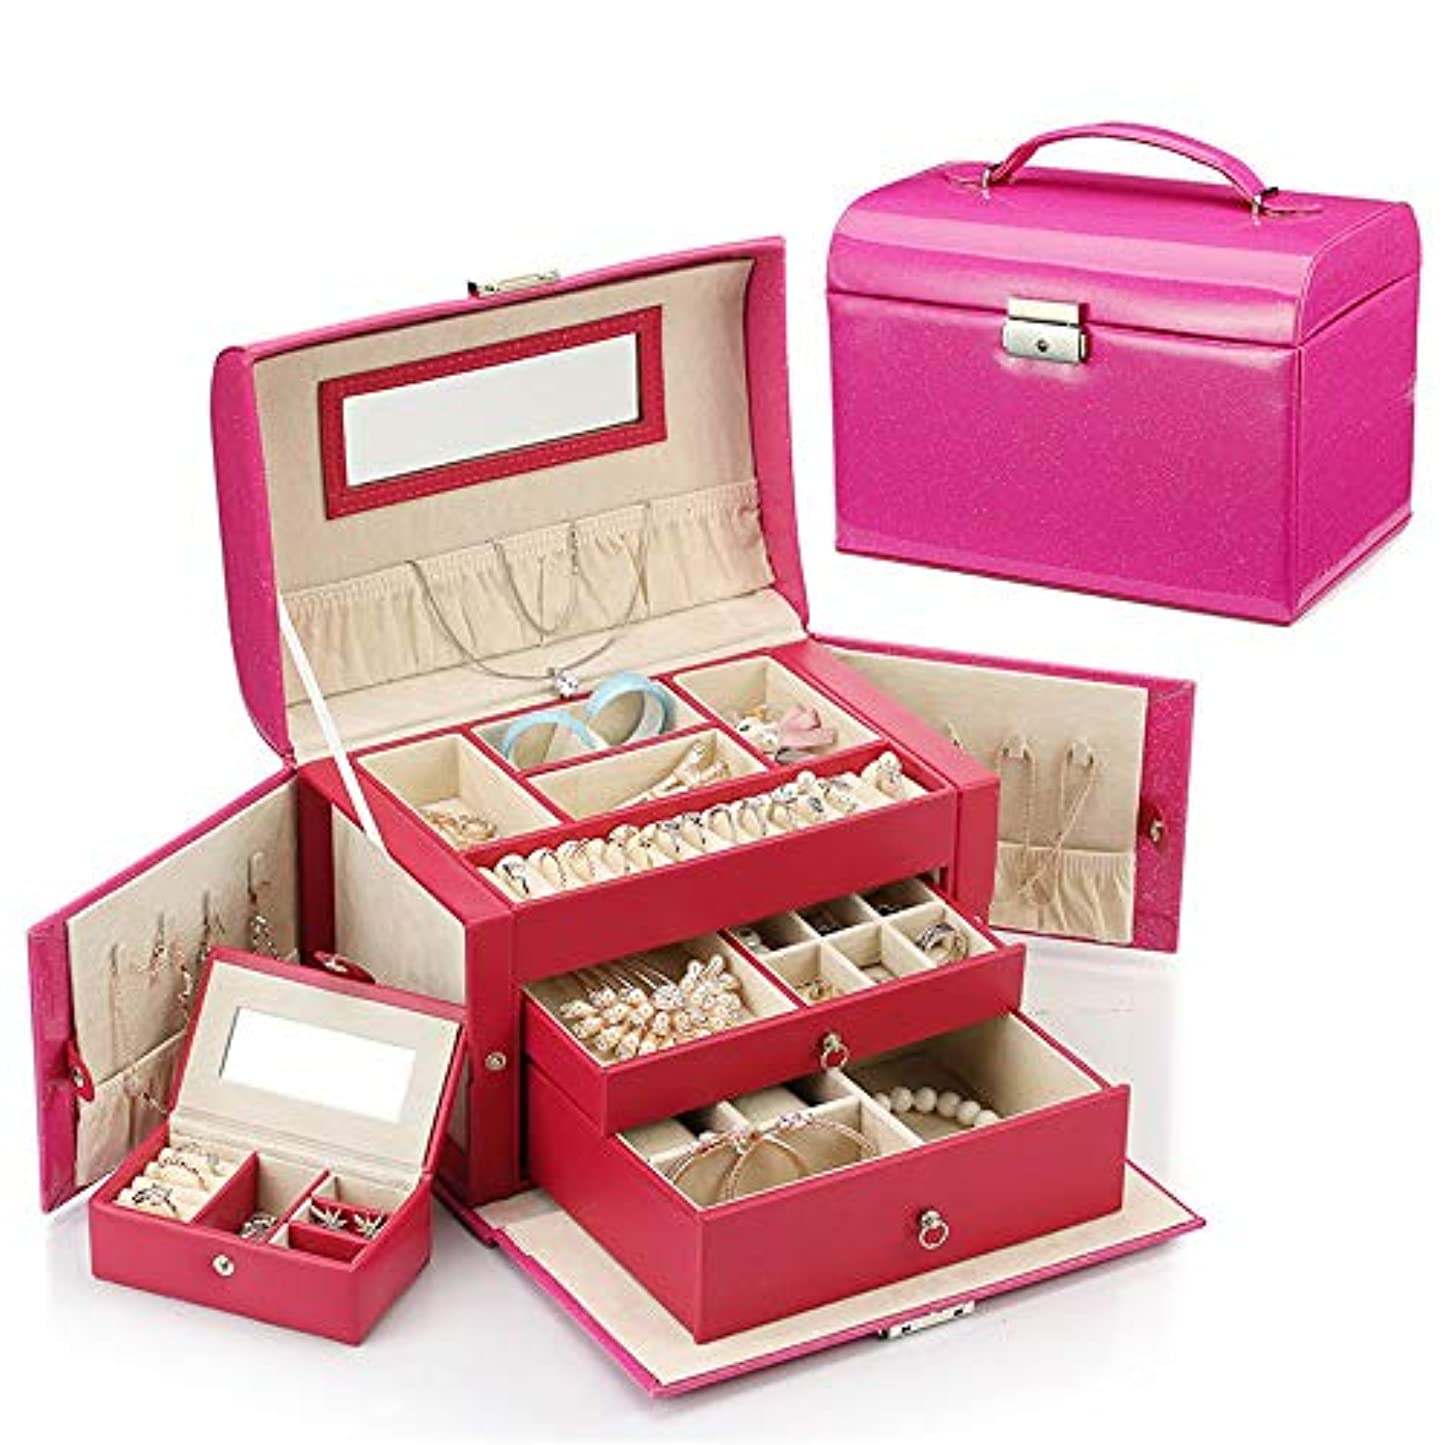 そのスカープフェローシップ化粧オーガナイザーバッグ 小さなアイテムのストレージのための丈夫な女性のジュエリーの収納ボックス 化粧品ケース (色 : ローズレッド)